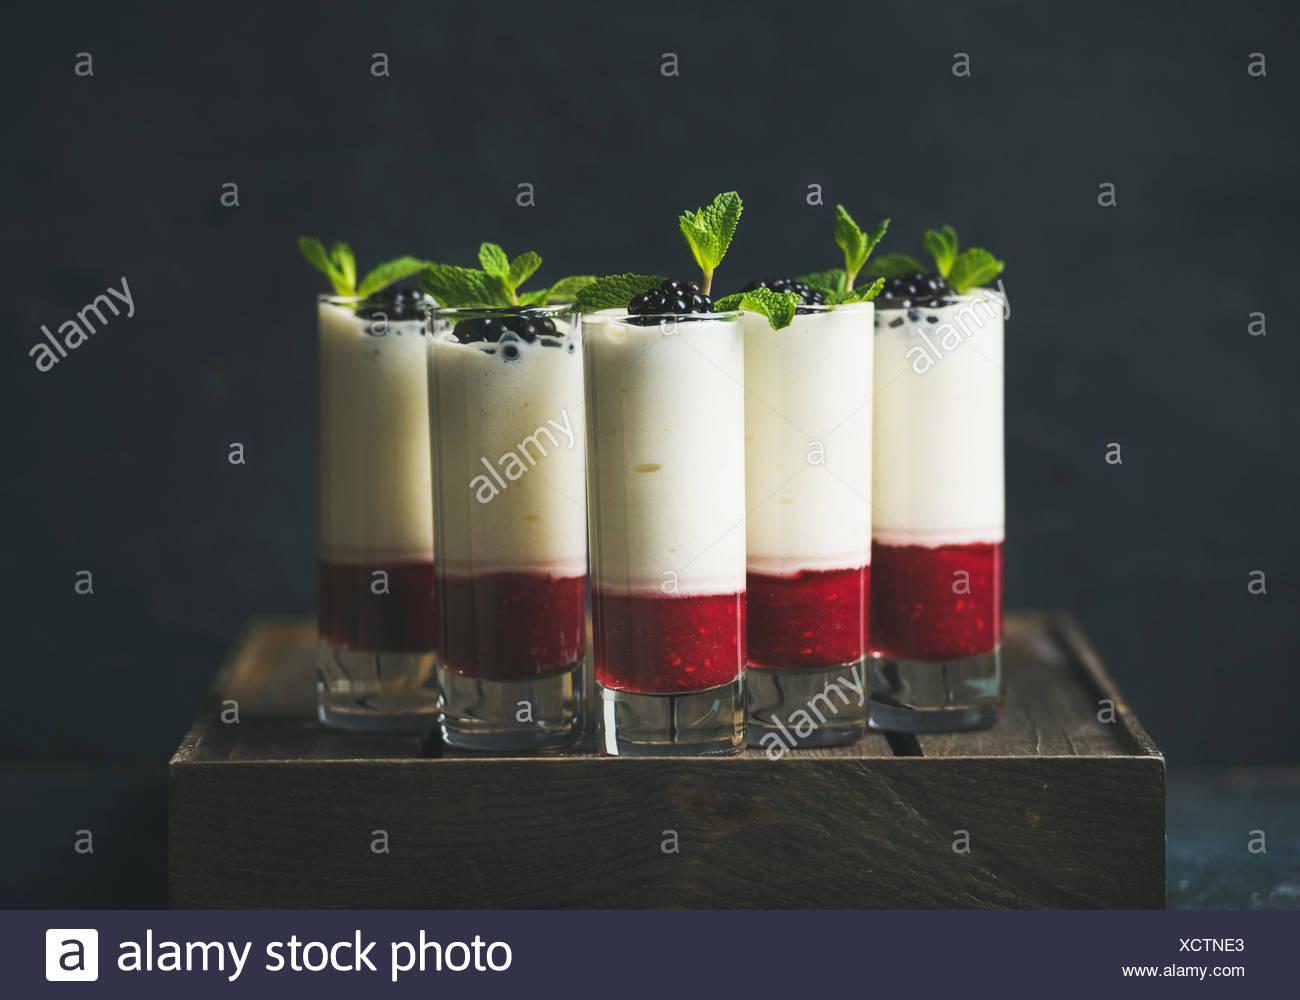 Catering, banchetti o partito concetto alimentare. Il dessert in vetro con more e le foglie di menta su sfondo scuro su evento aziendale, natale, birthd Immagini Stock